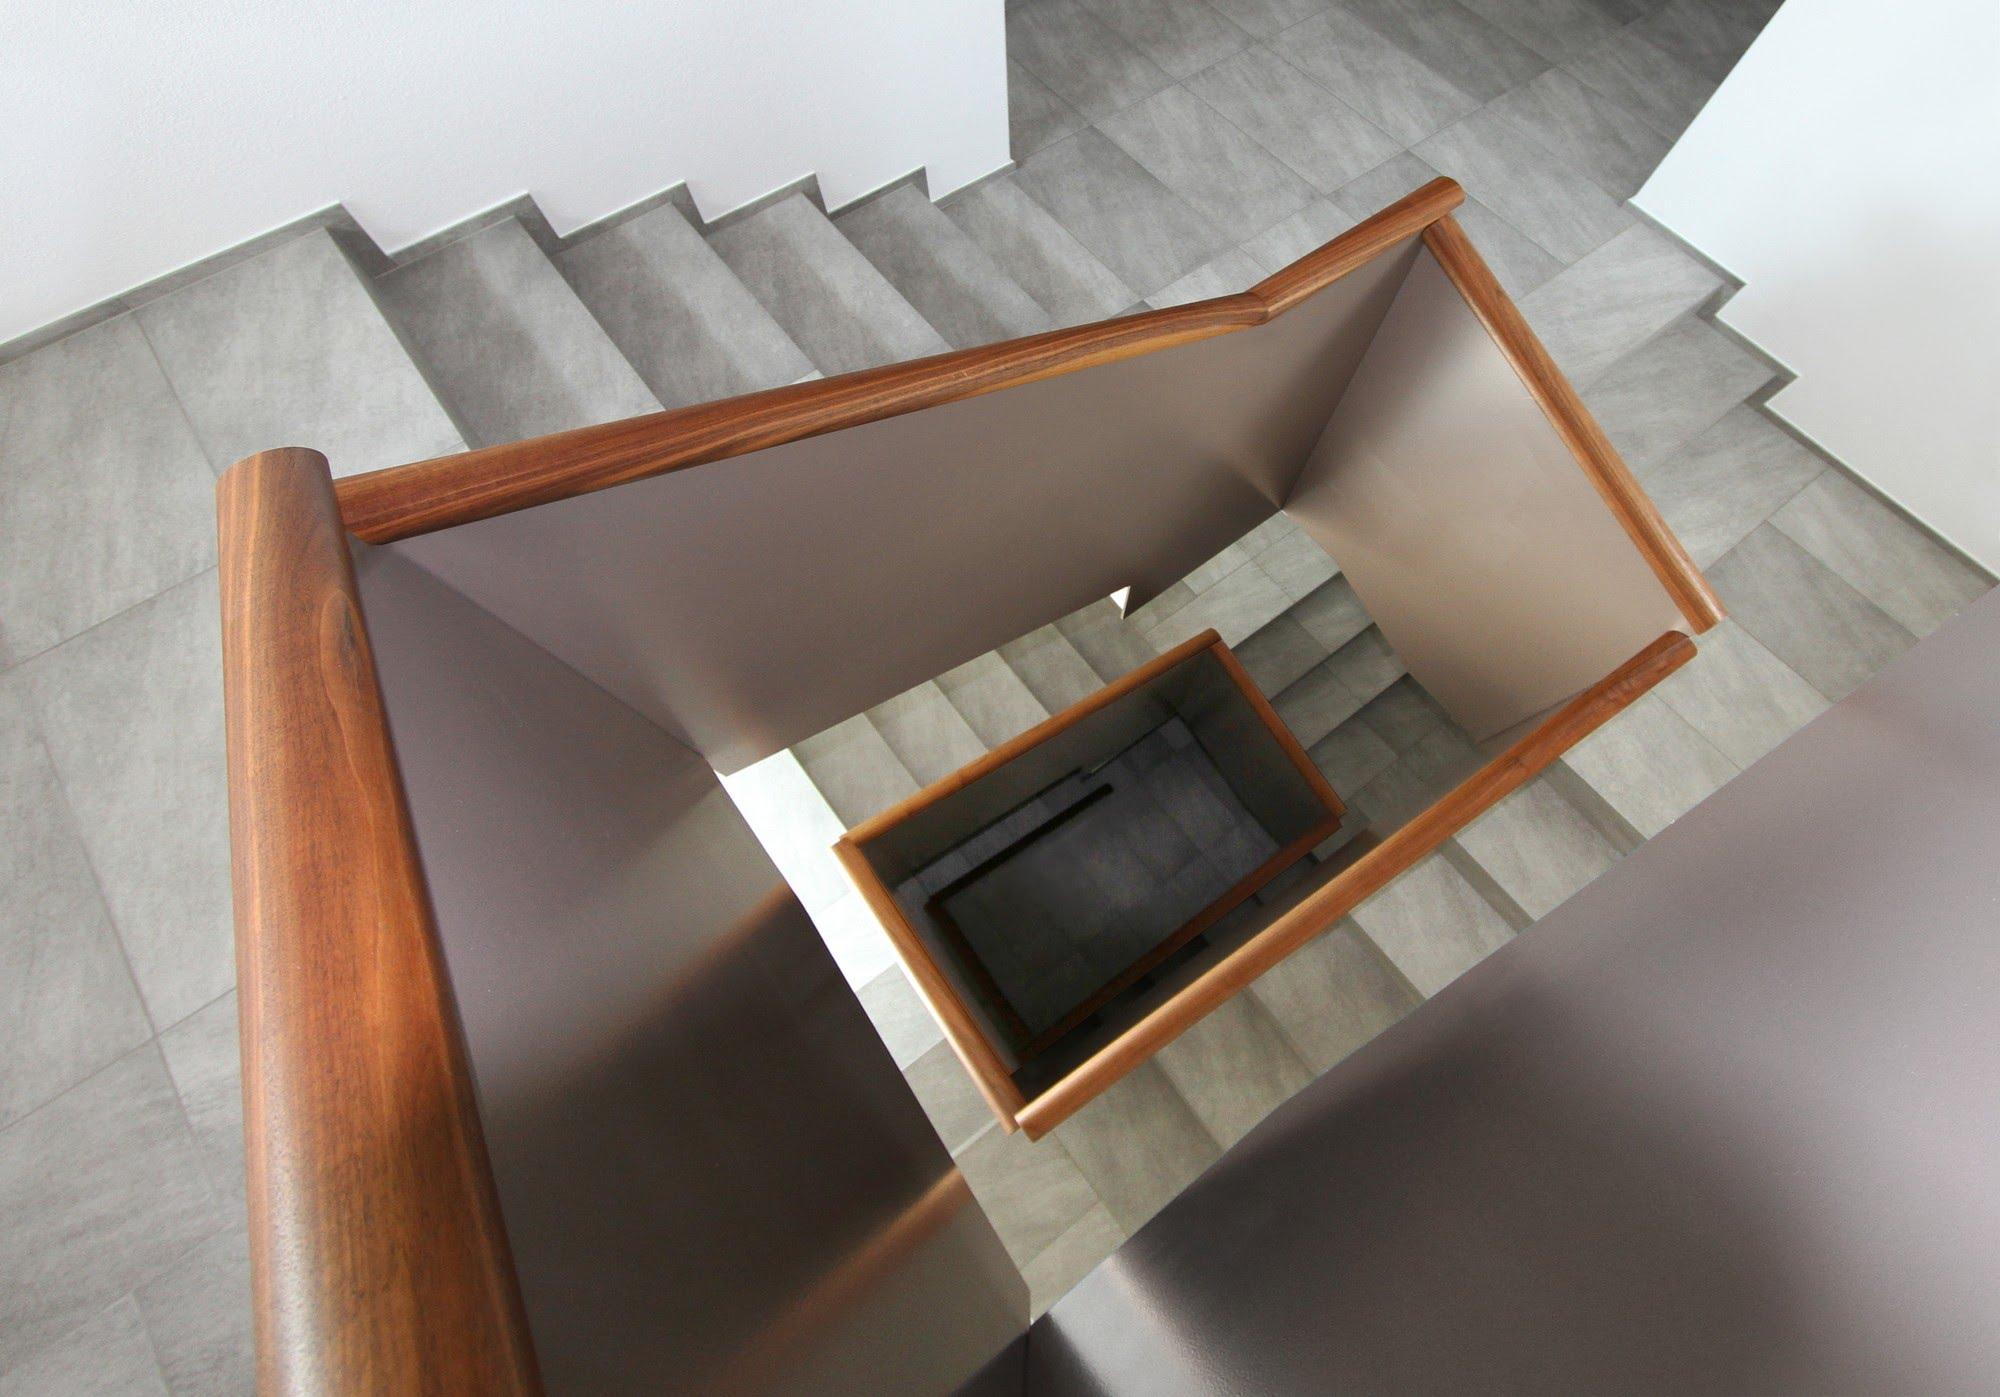 Wohnen MFH MFH in Sursee Architektur,Wohnungsbau,Wohnhäuser,Einfamilienhäuser,Mehrfamilienhäuser